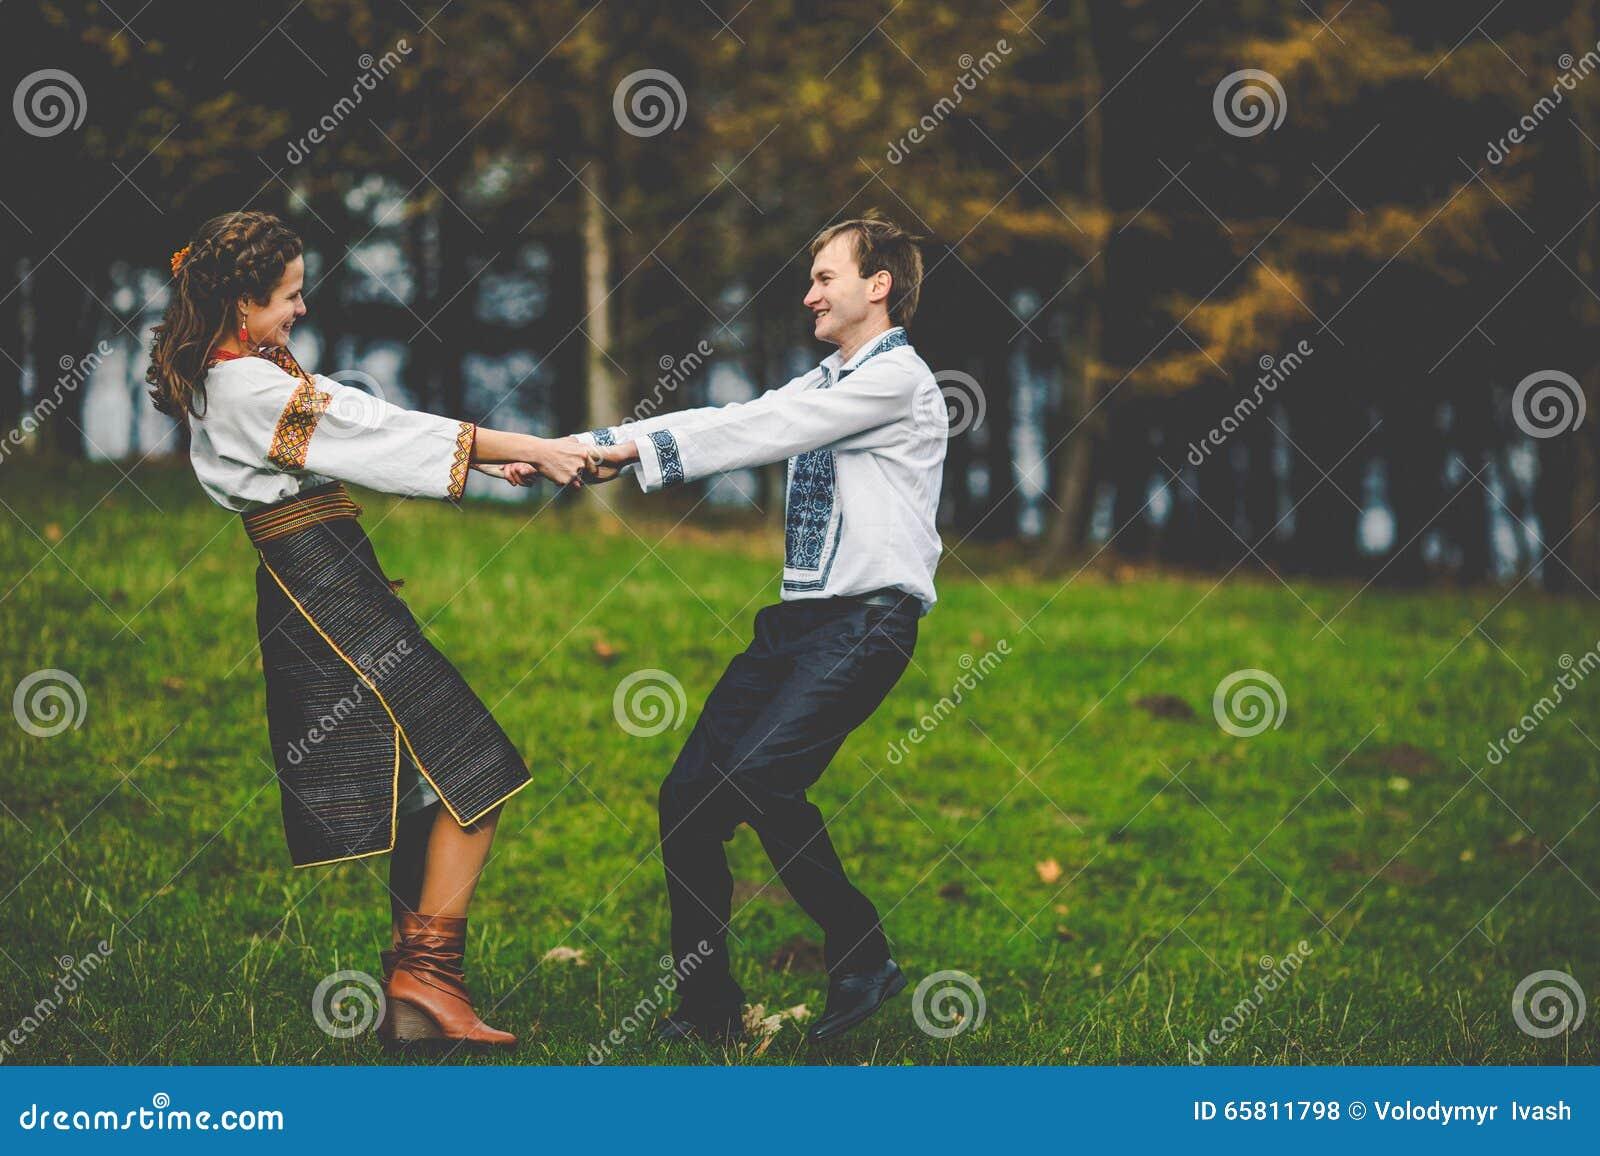 OekraГЇense dating cultuur Hoe kun je erachter komen of iemand op een dating site